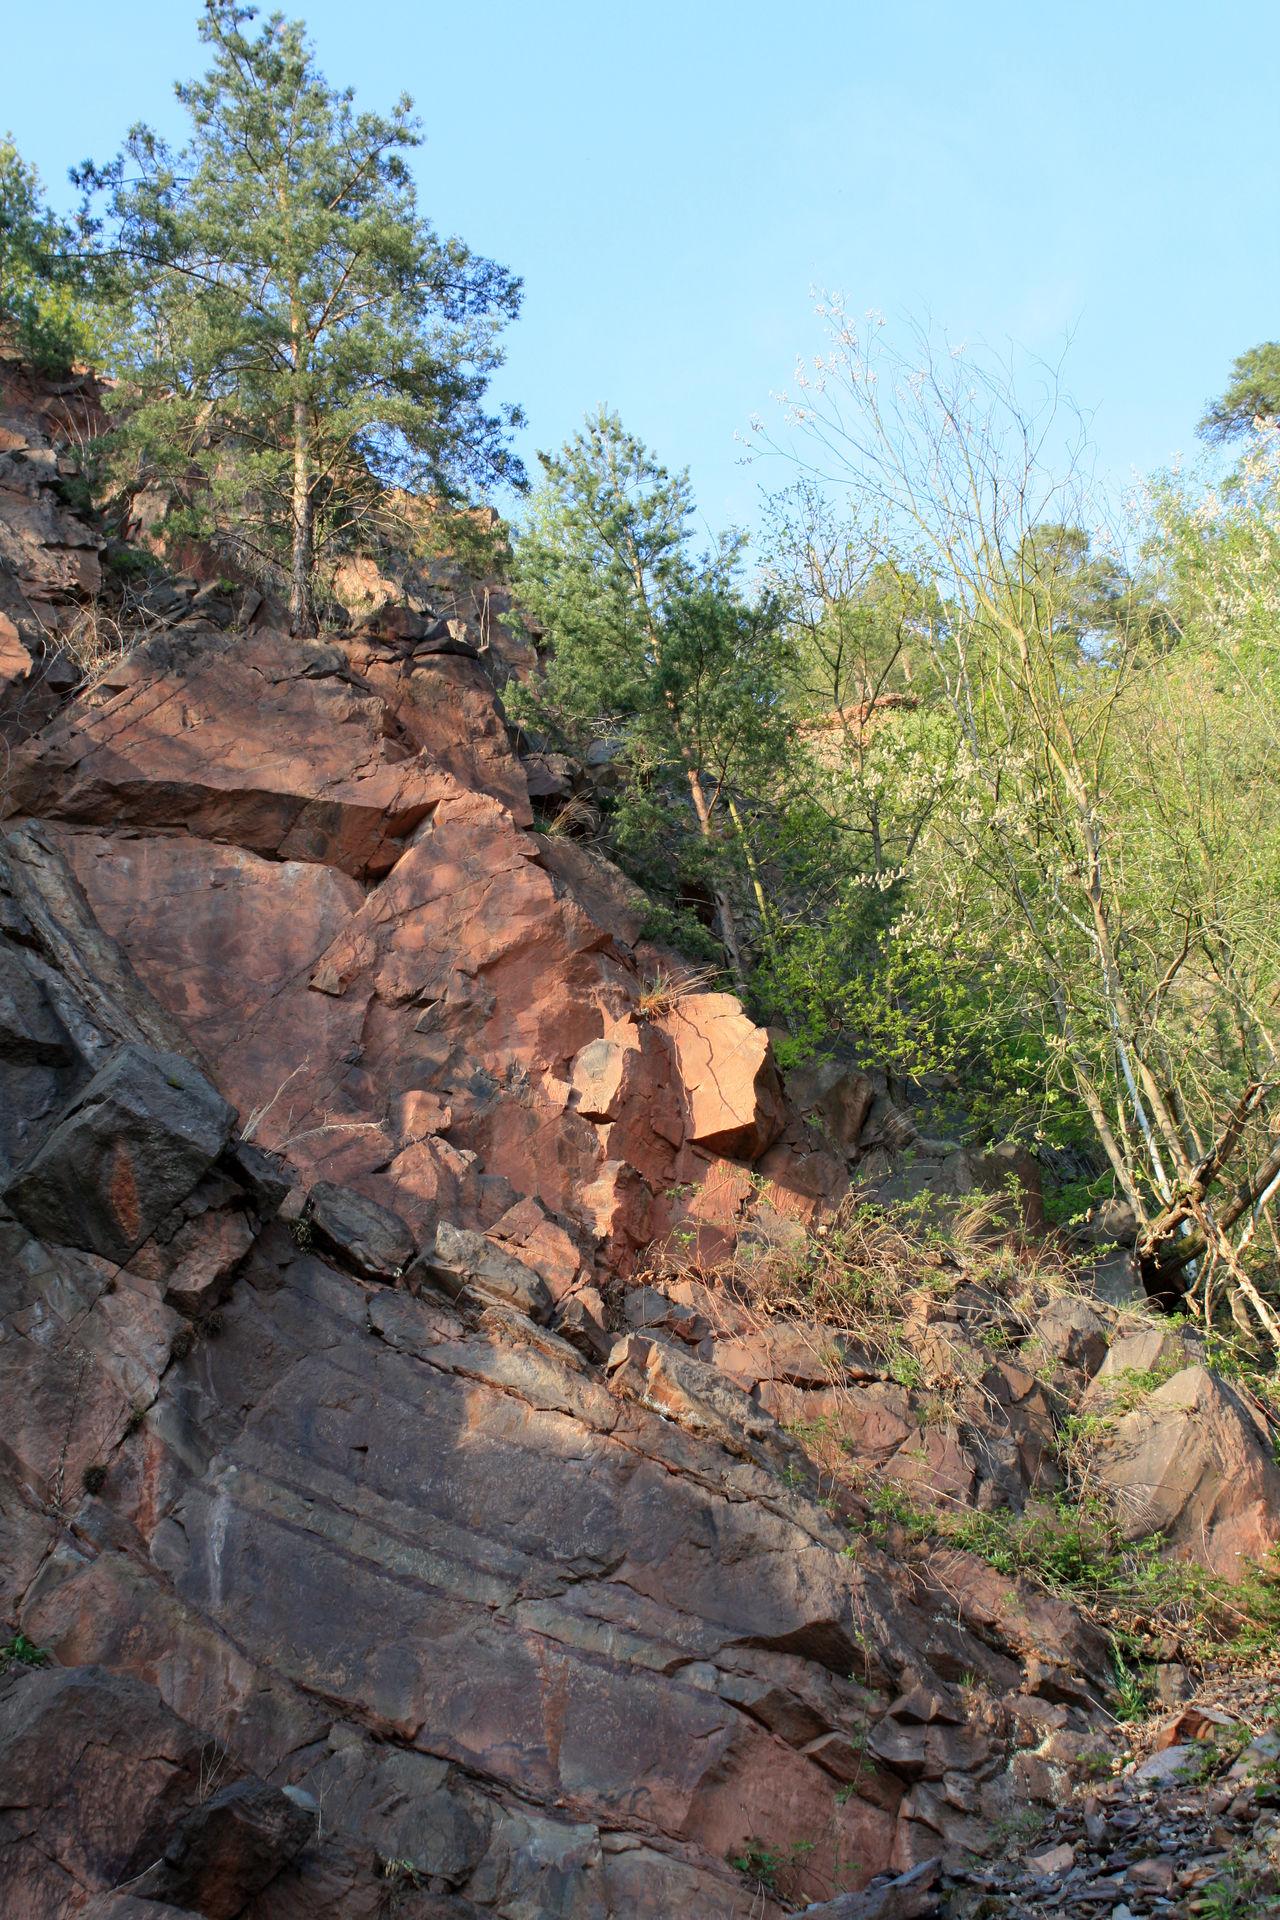 Felsen Geografie Geologie Geology Geschichte Der Erde Gesteine Gesteinsschichten Landscape Nature Outdoors Plant Plattenbewegung Plattentektonik Rock Rock - Object Rock Formation Steine Stones Tree